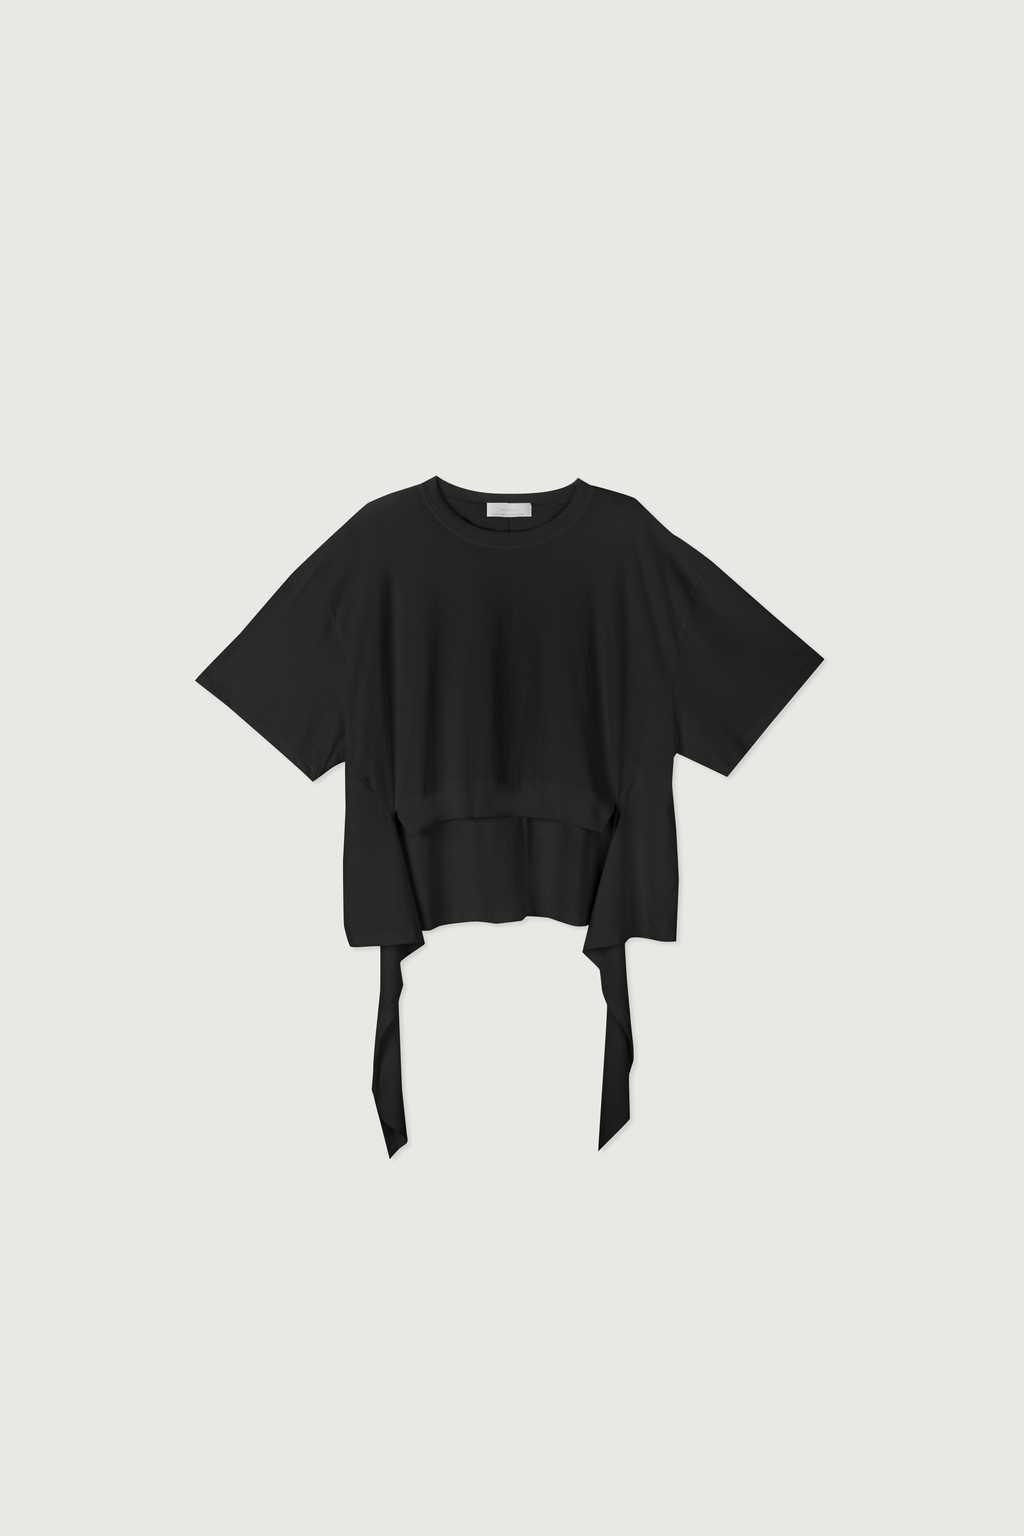 TShirt K151 Black 11